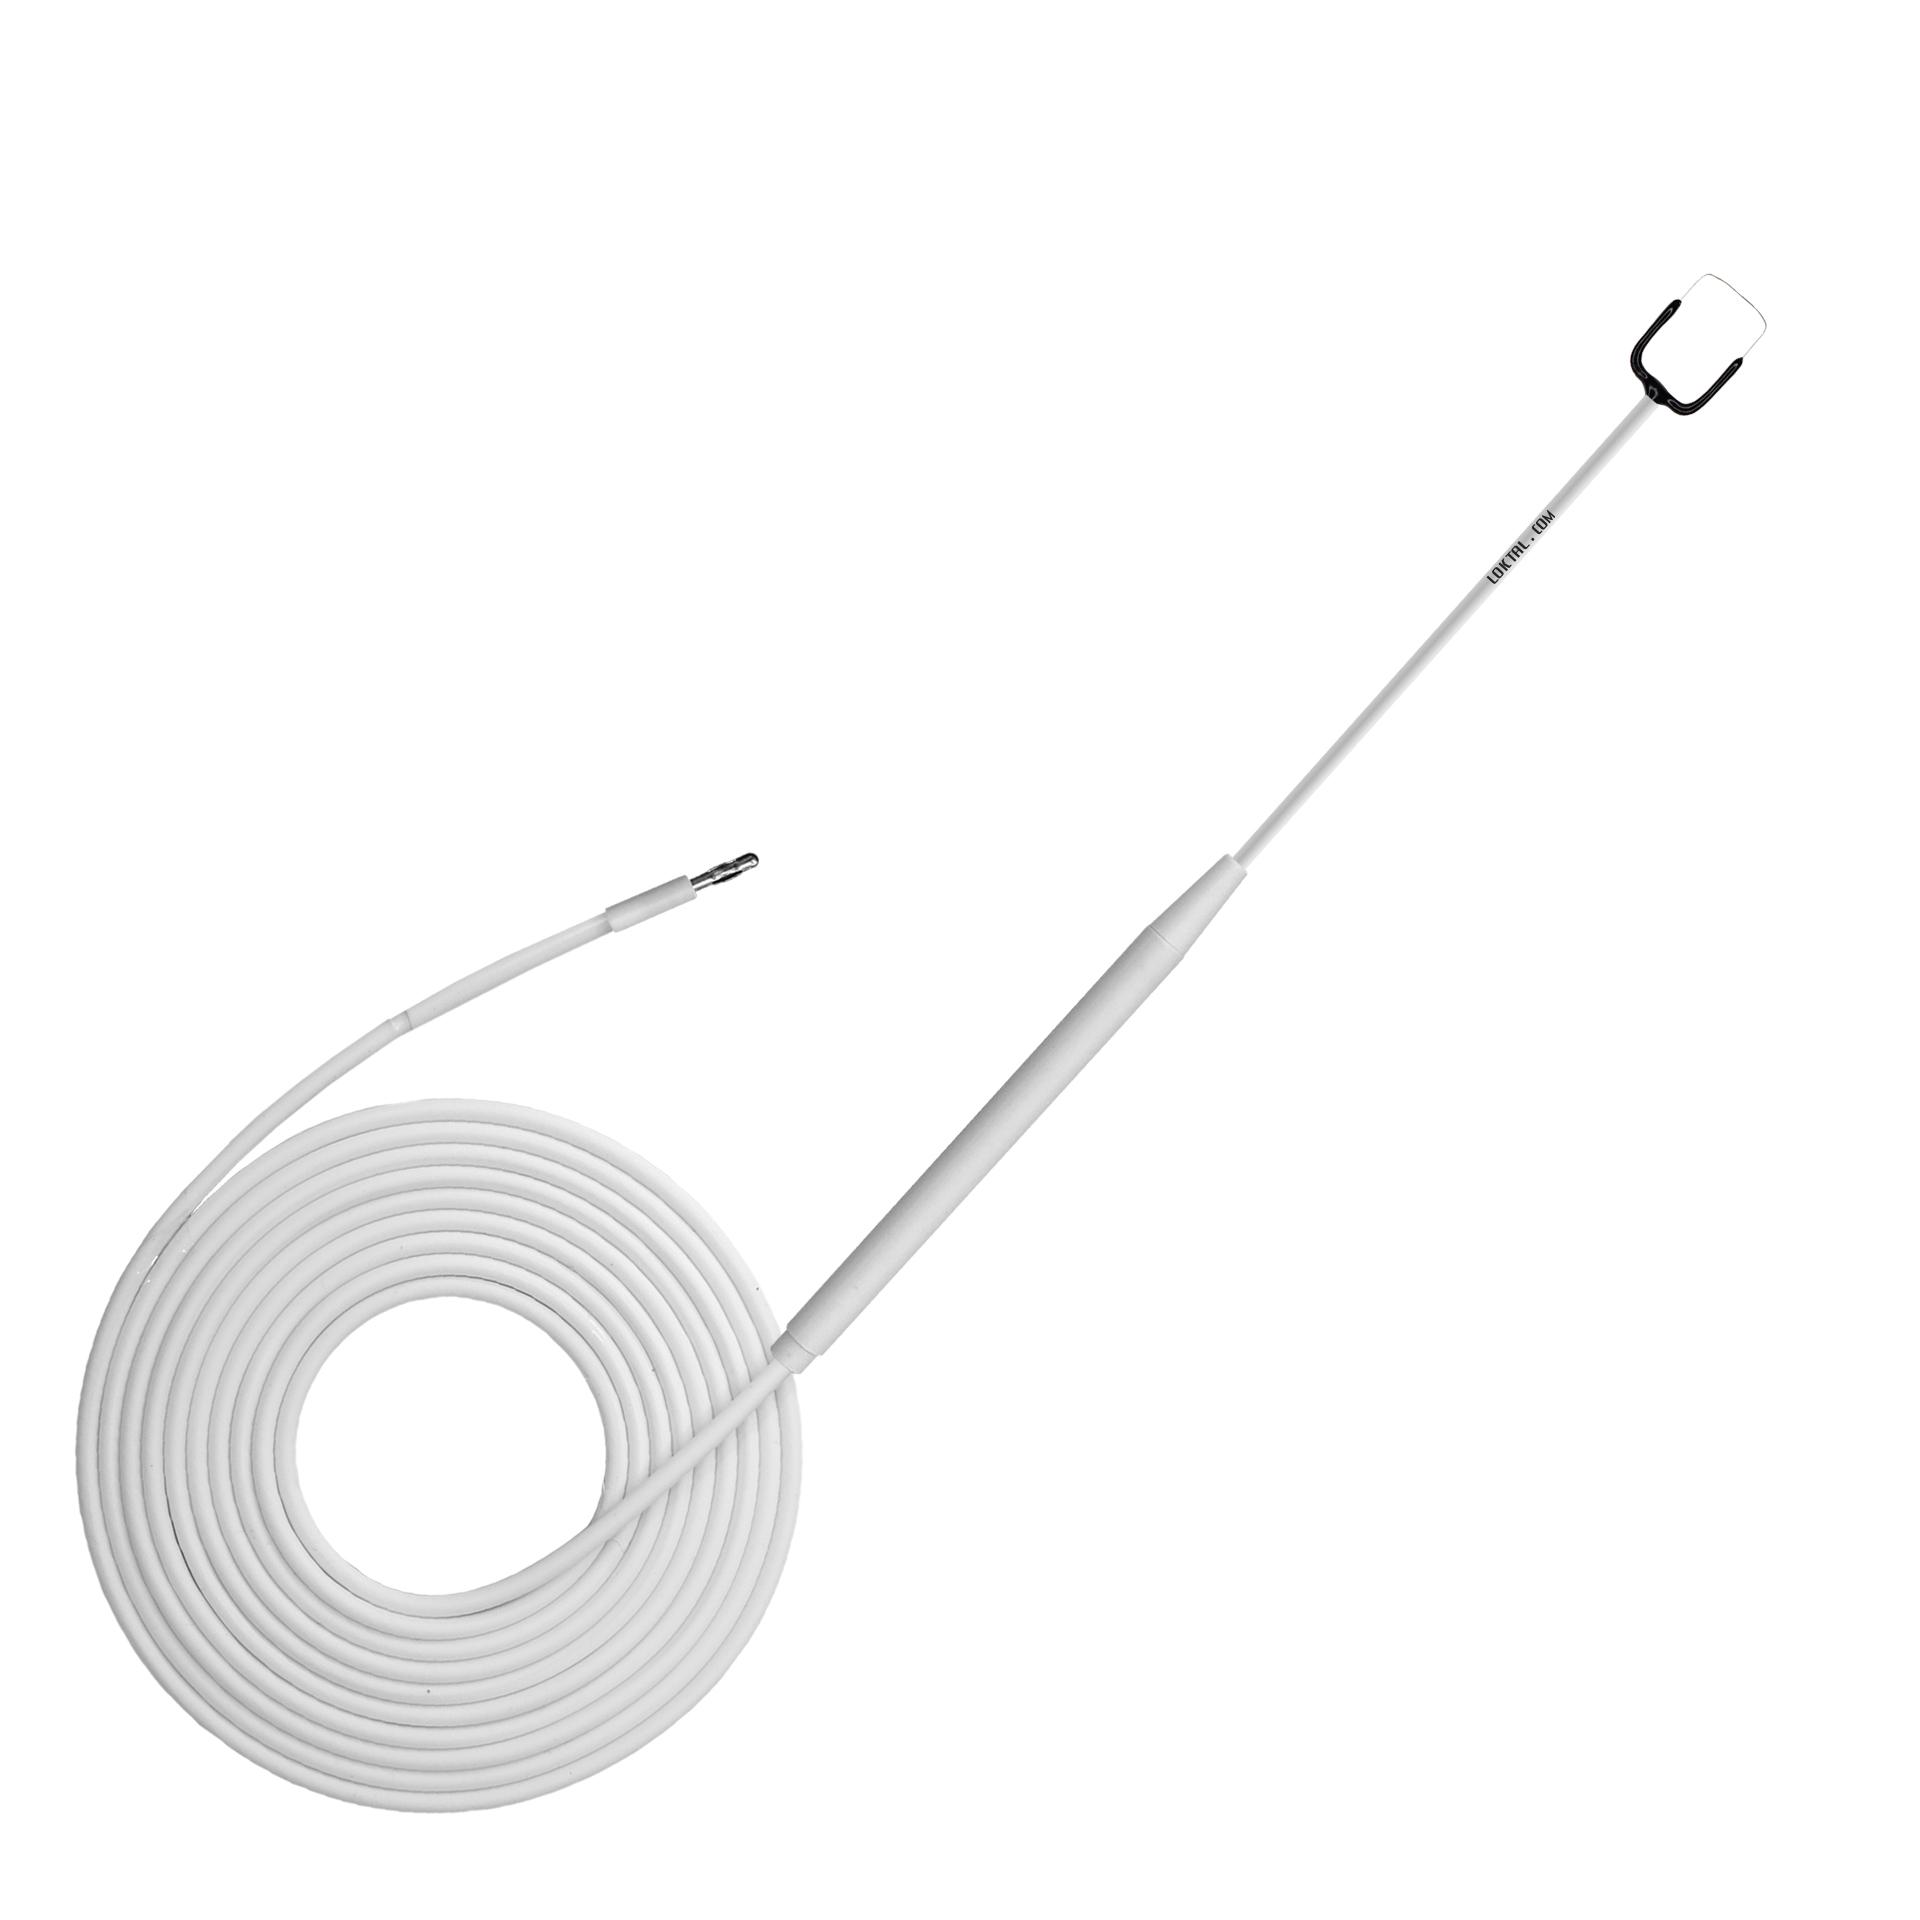 ACEL0027CD - Eletrodo Eletrocirúrgico Descartável Estéril Alça Quadrada, Reto